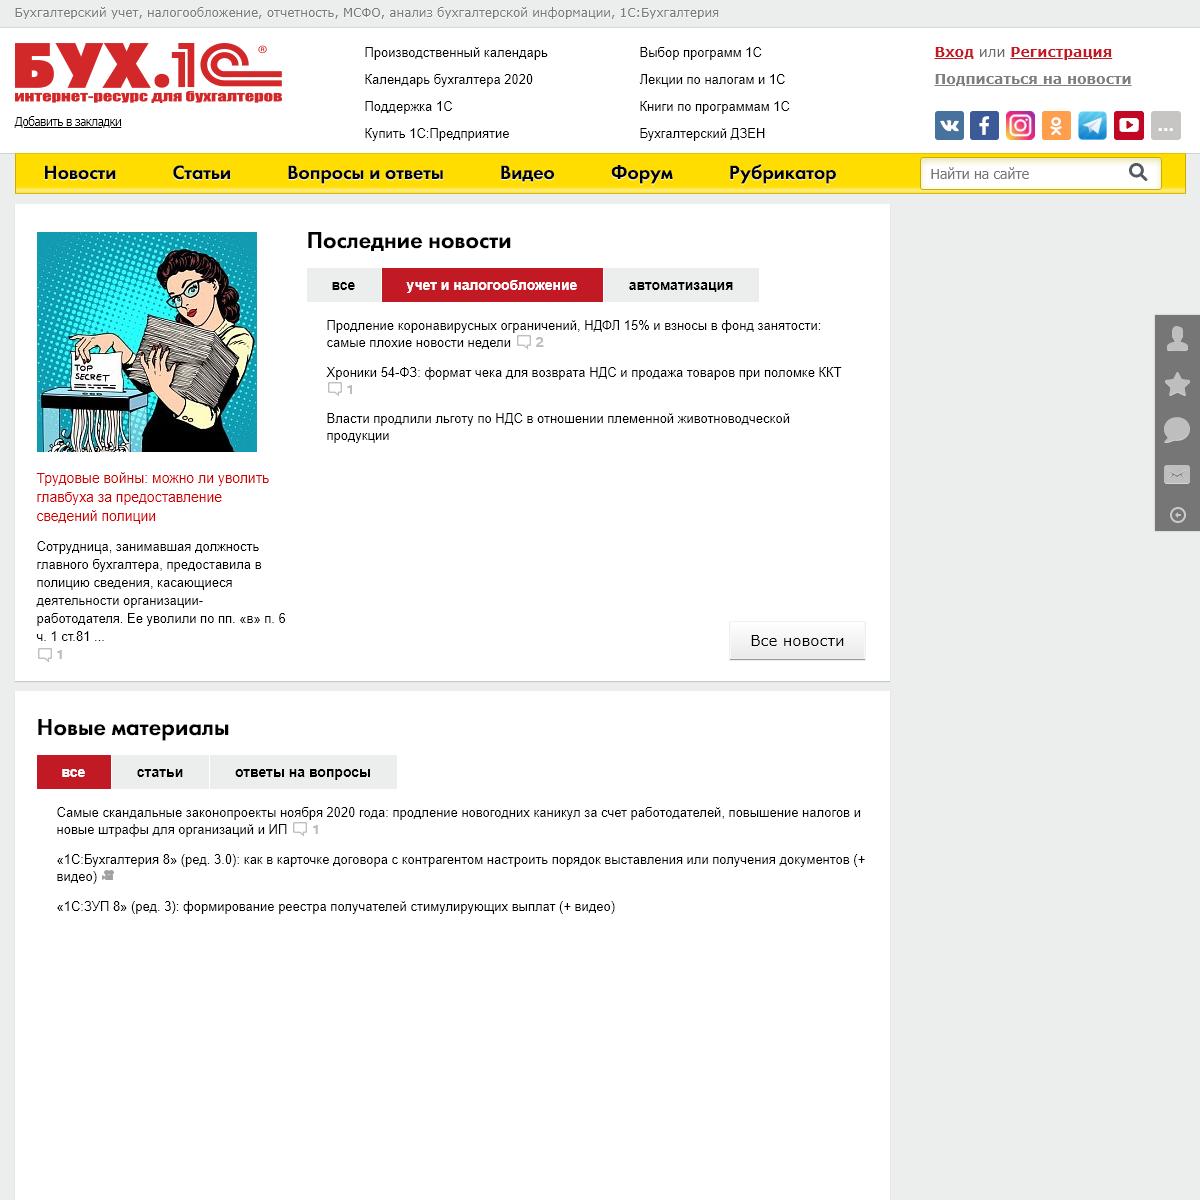 Бухгалтерский учет, налогообложение, отчетность, МСФО, анализ бухгалт